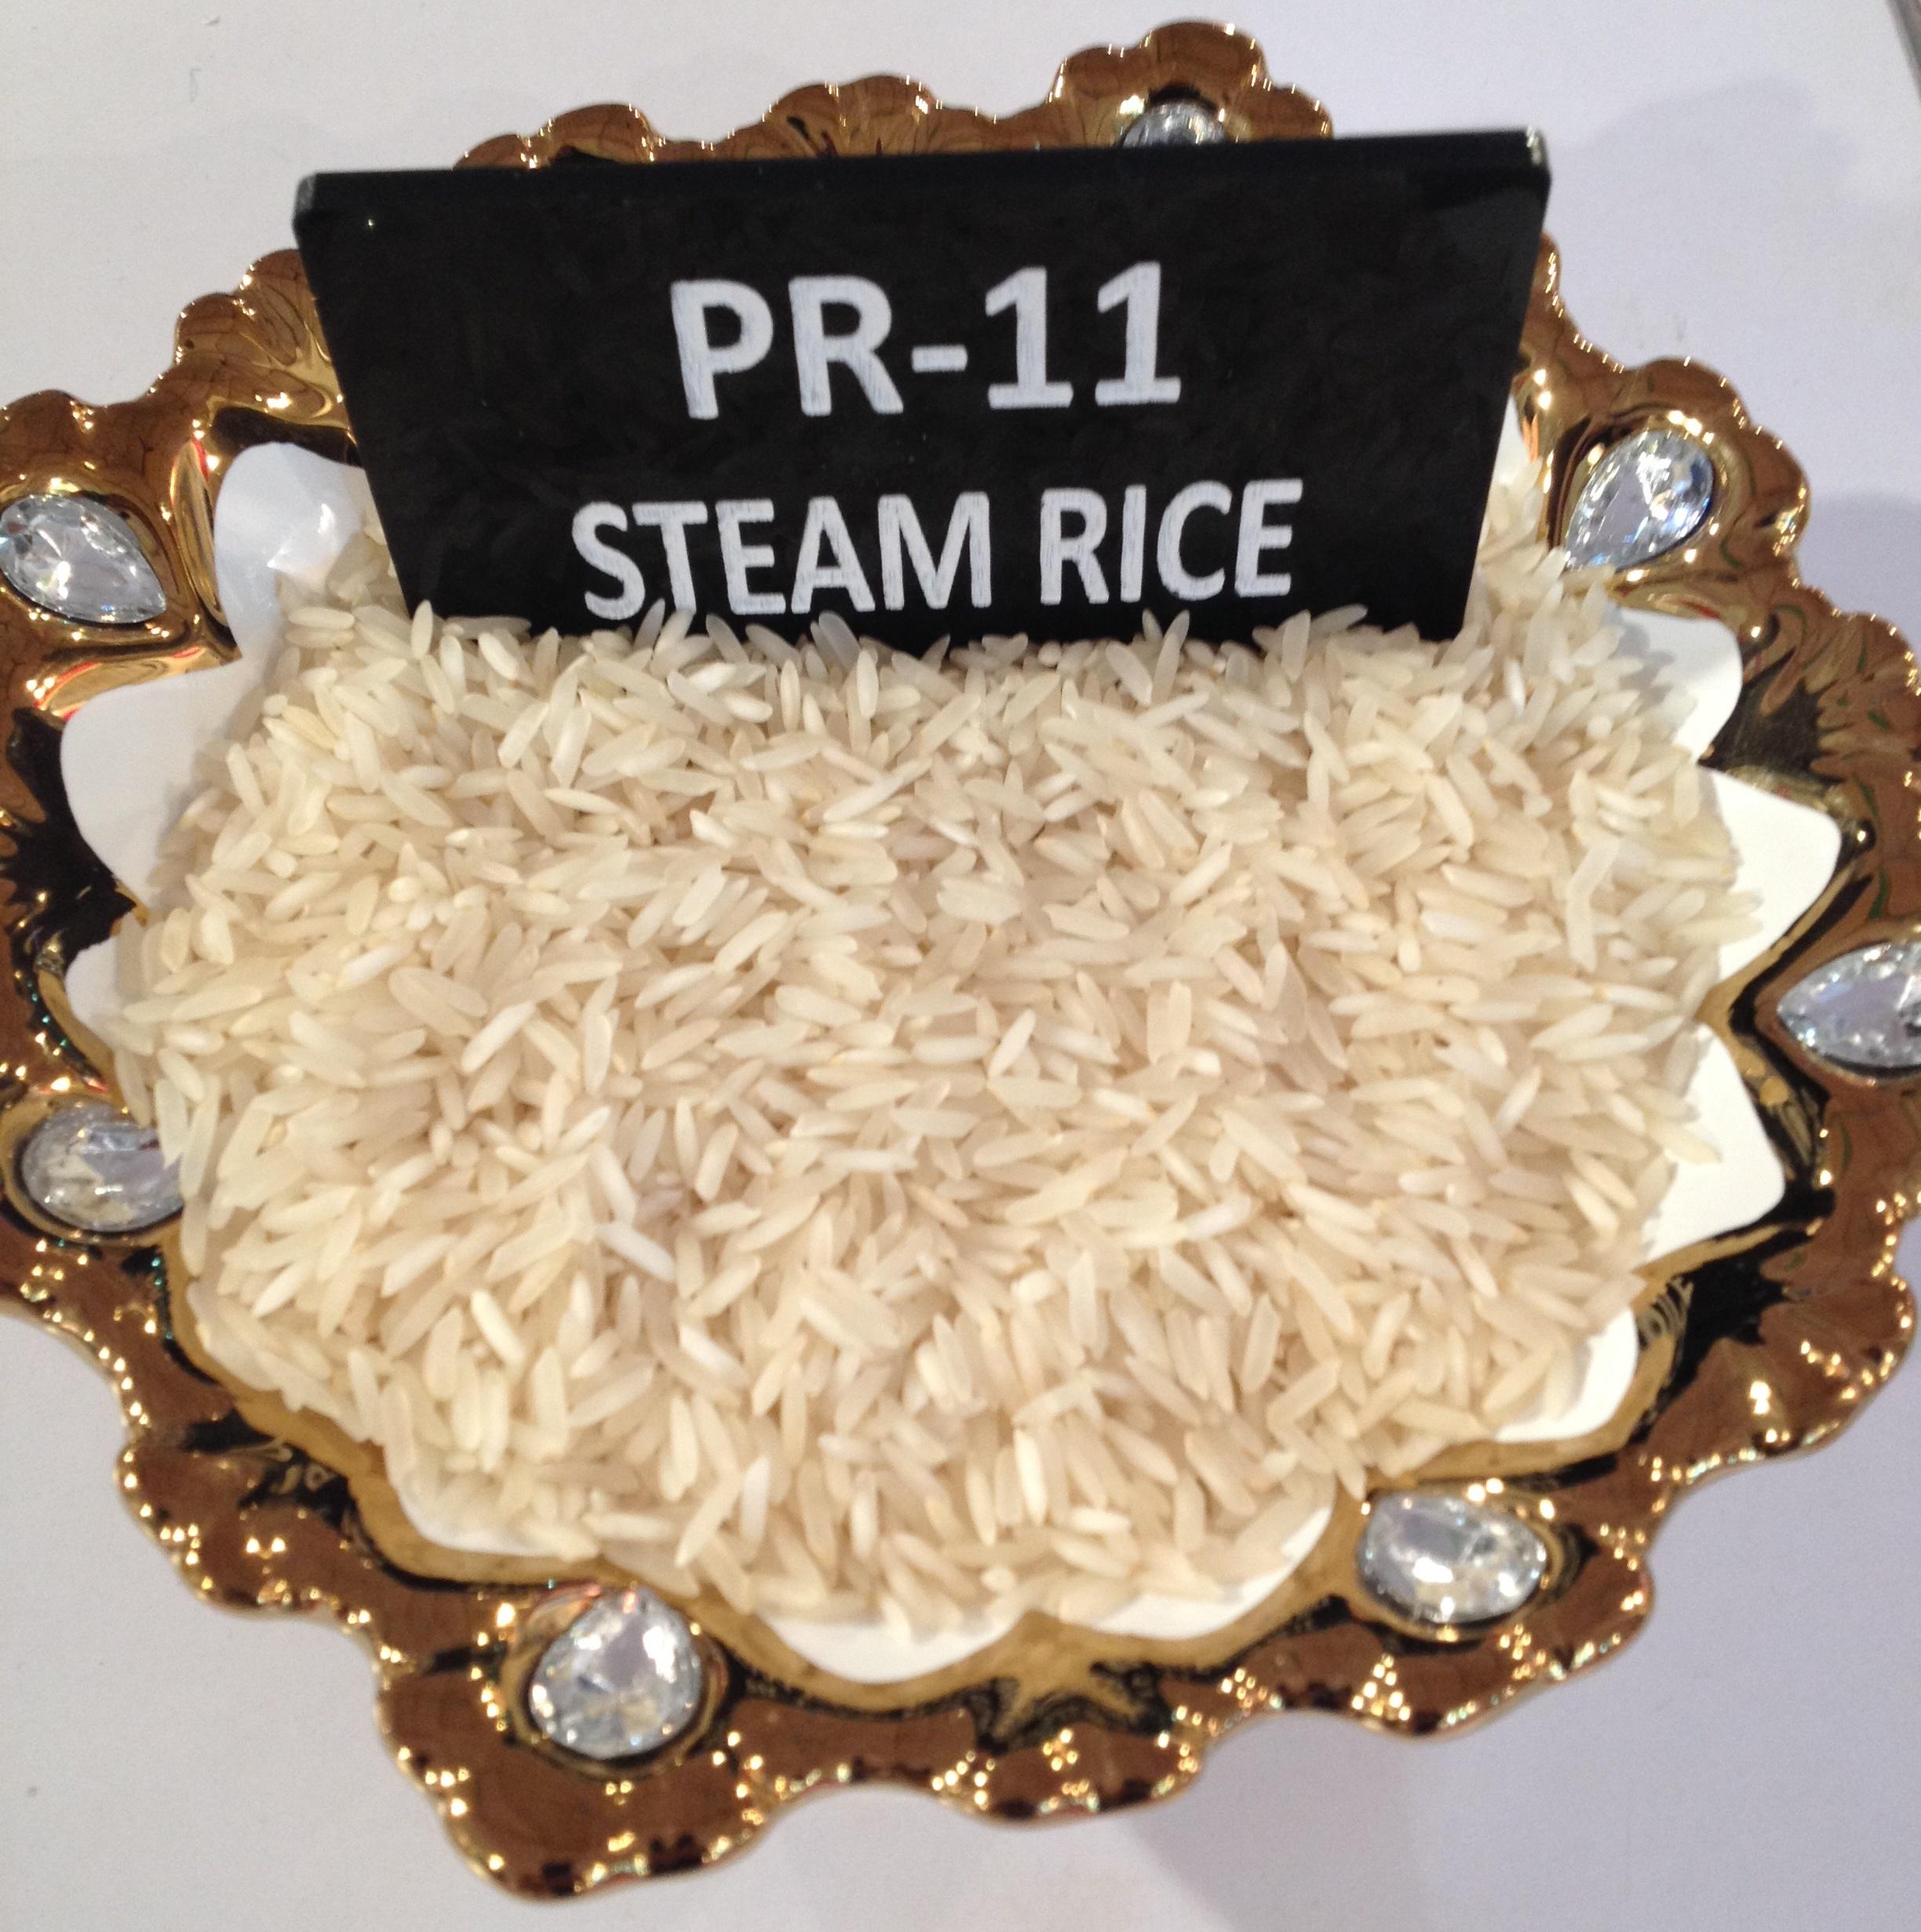 PR 11 Steam rice